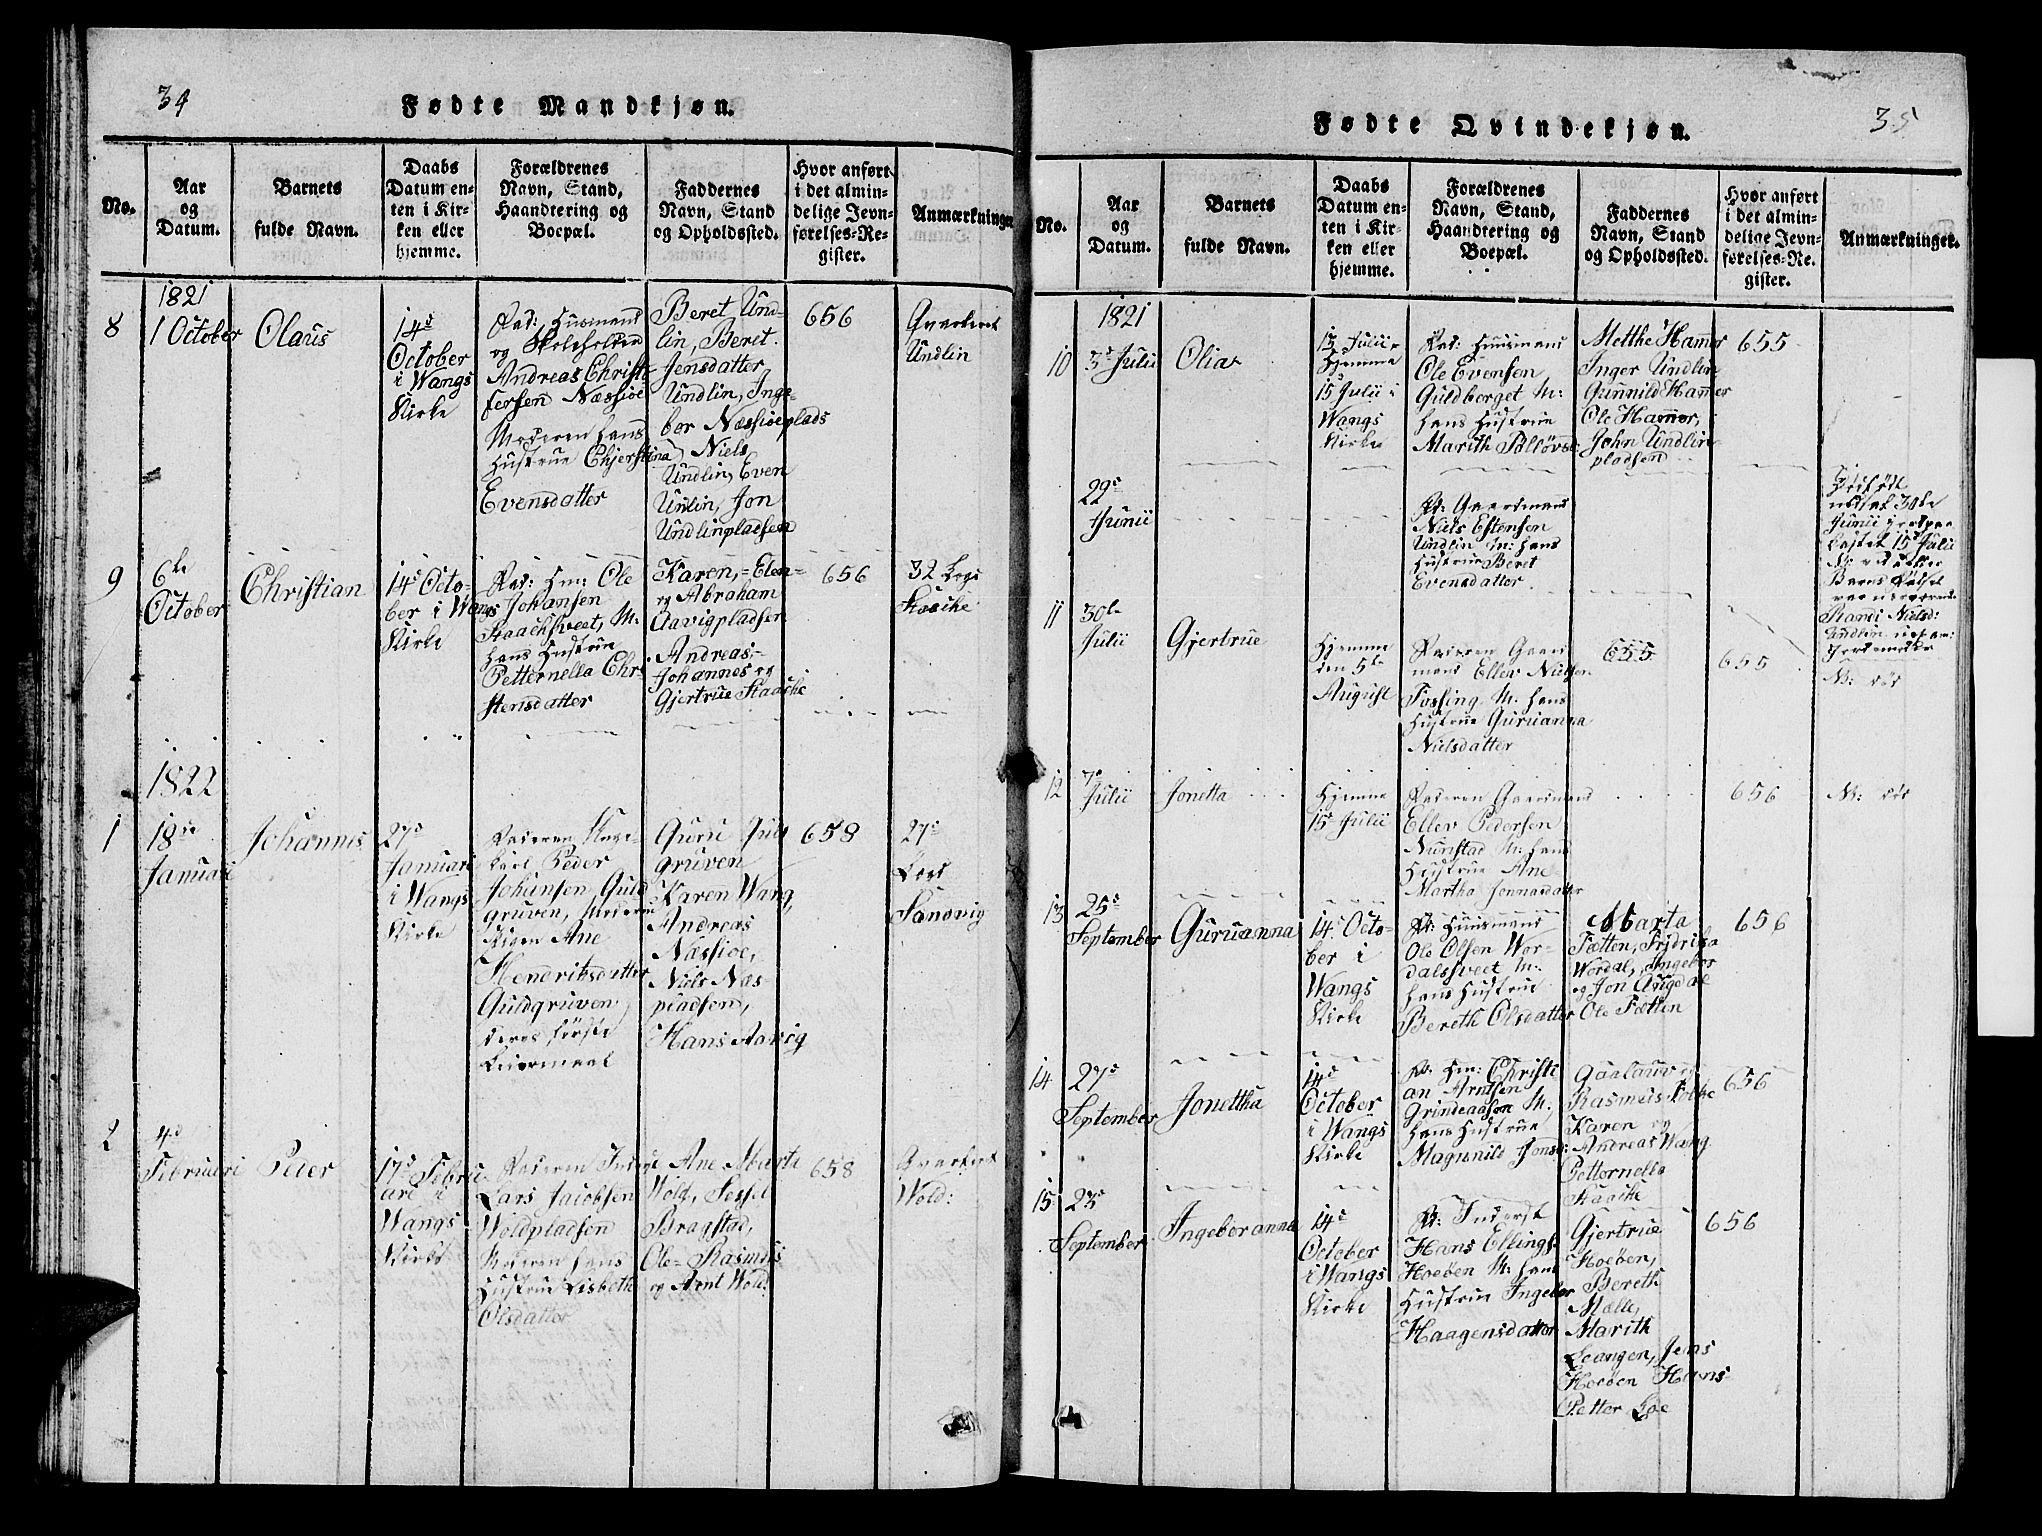 SAT, Ministerialprotokoller, klokkerbøker og fødselsregistre - Nord-Trøndelag, 714/L0132: Klokkerbok nr. 714C01, 1817-1824, s. 34-35